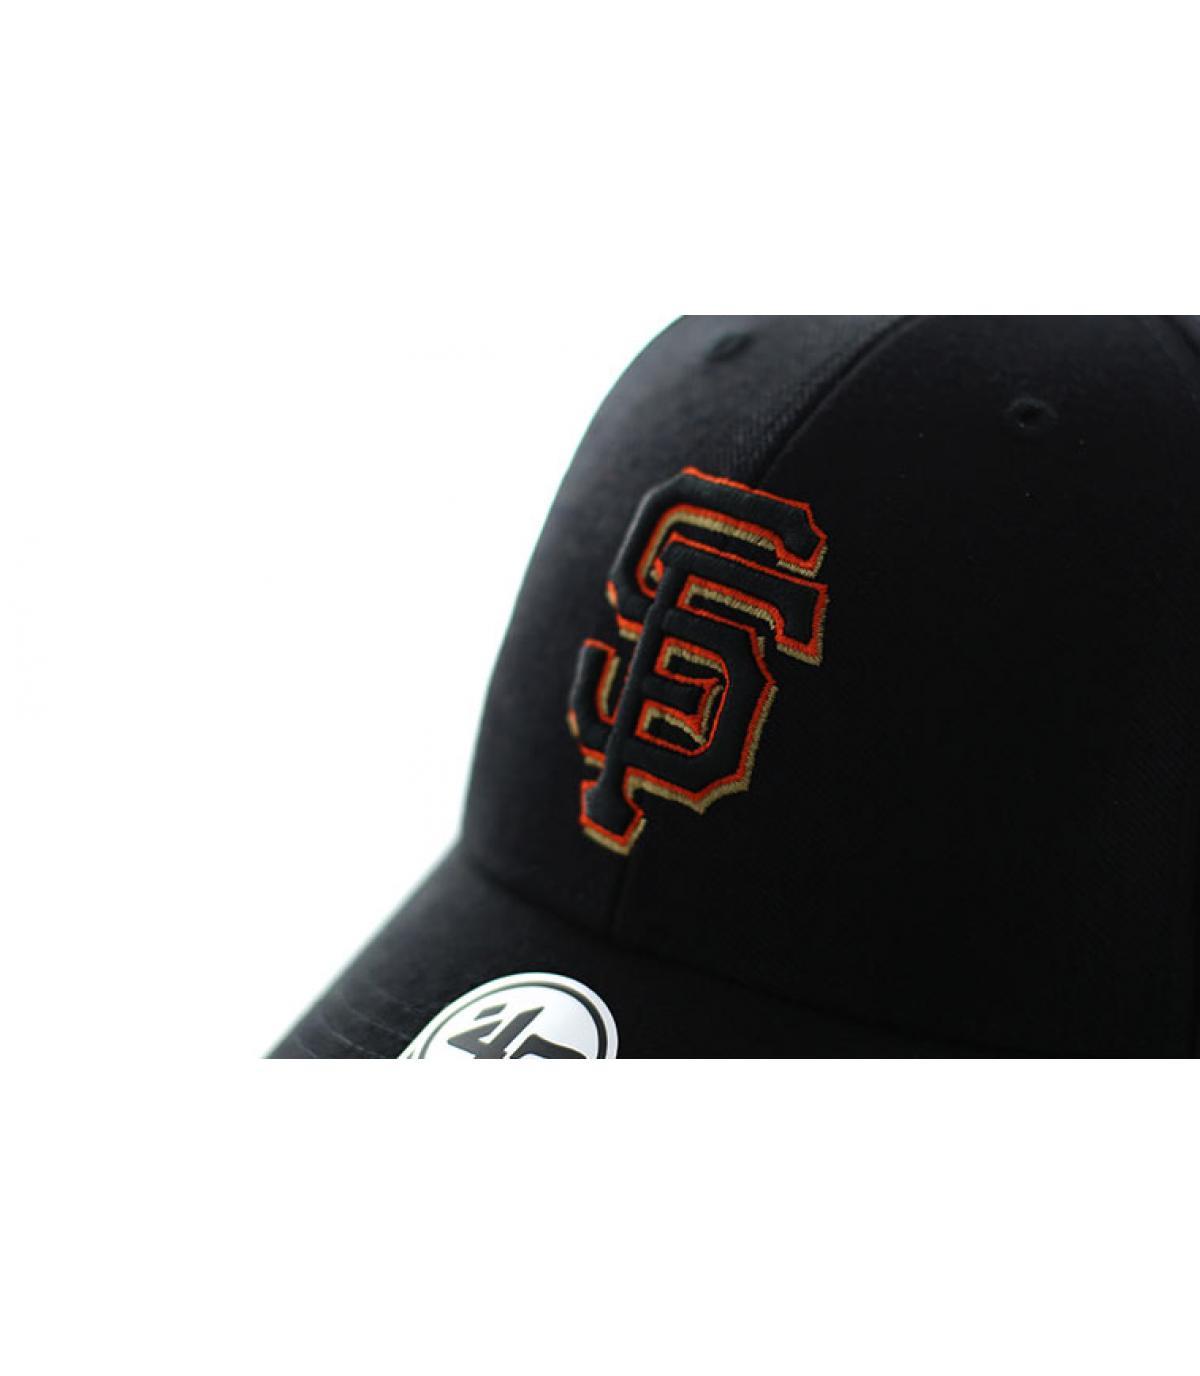 Détails MVP SF Giants black - image 3